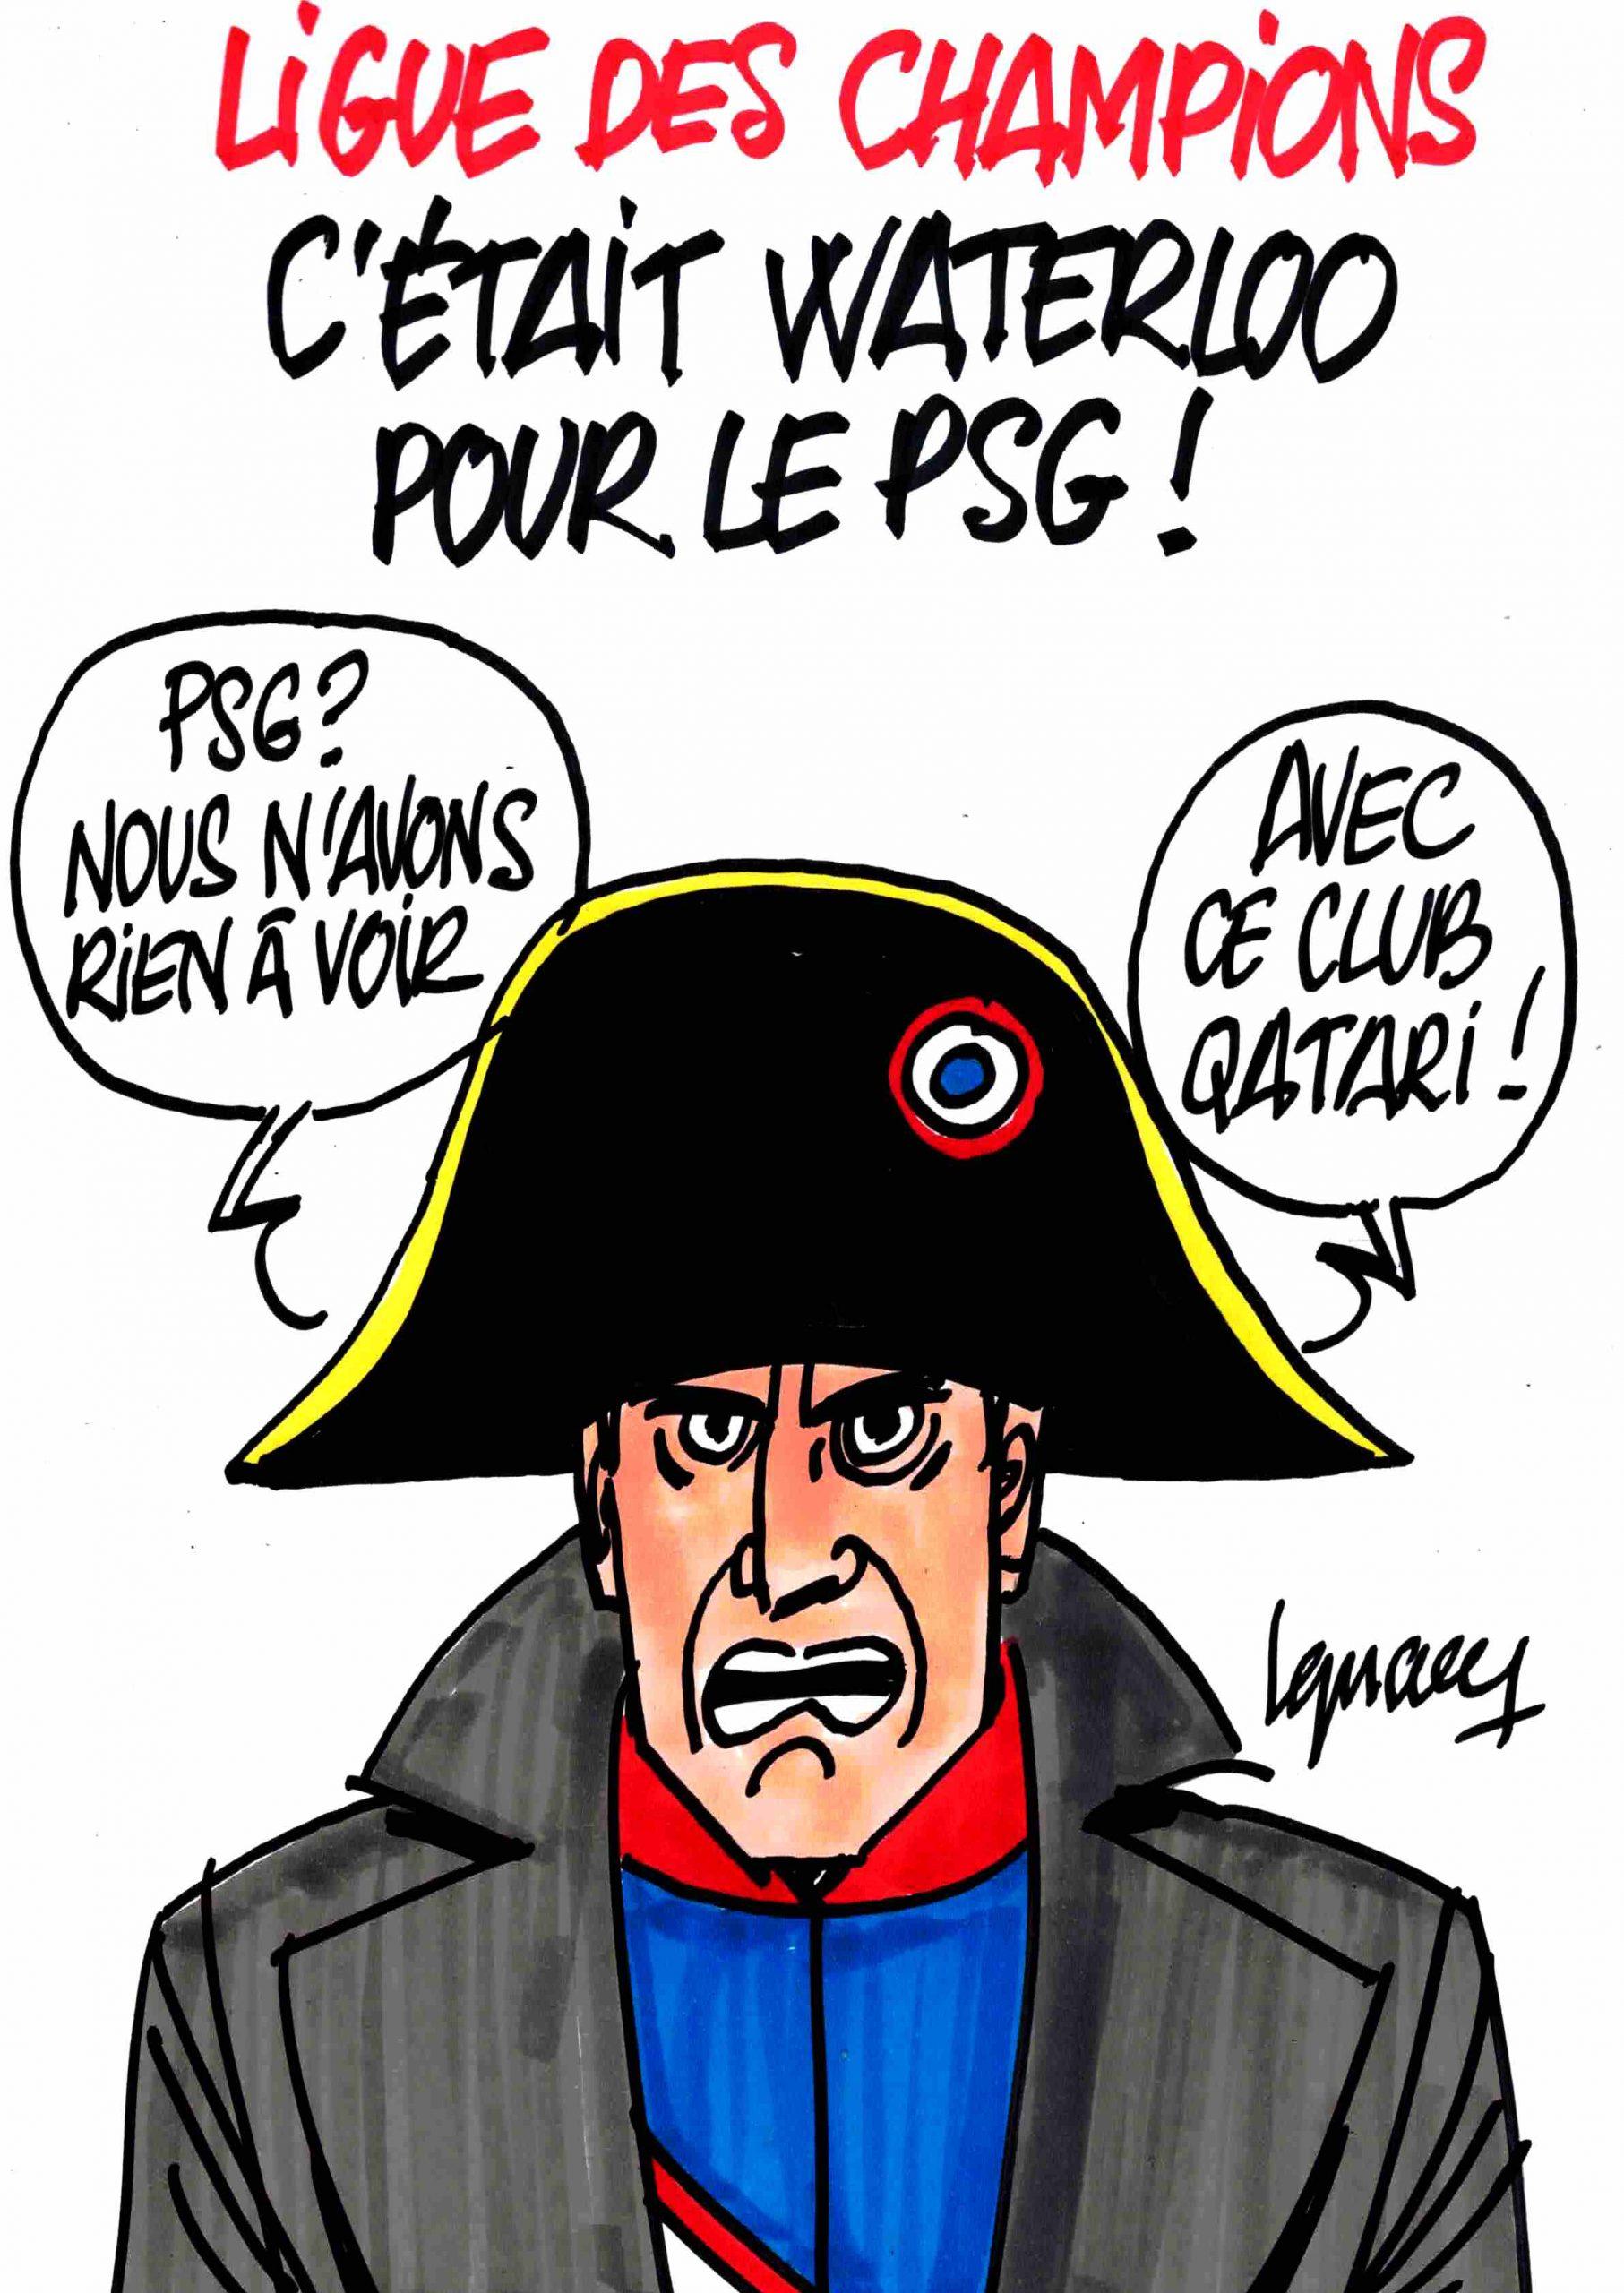 Ignace - Waterloo pour le PSG !